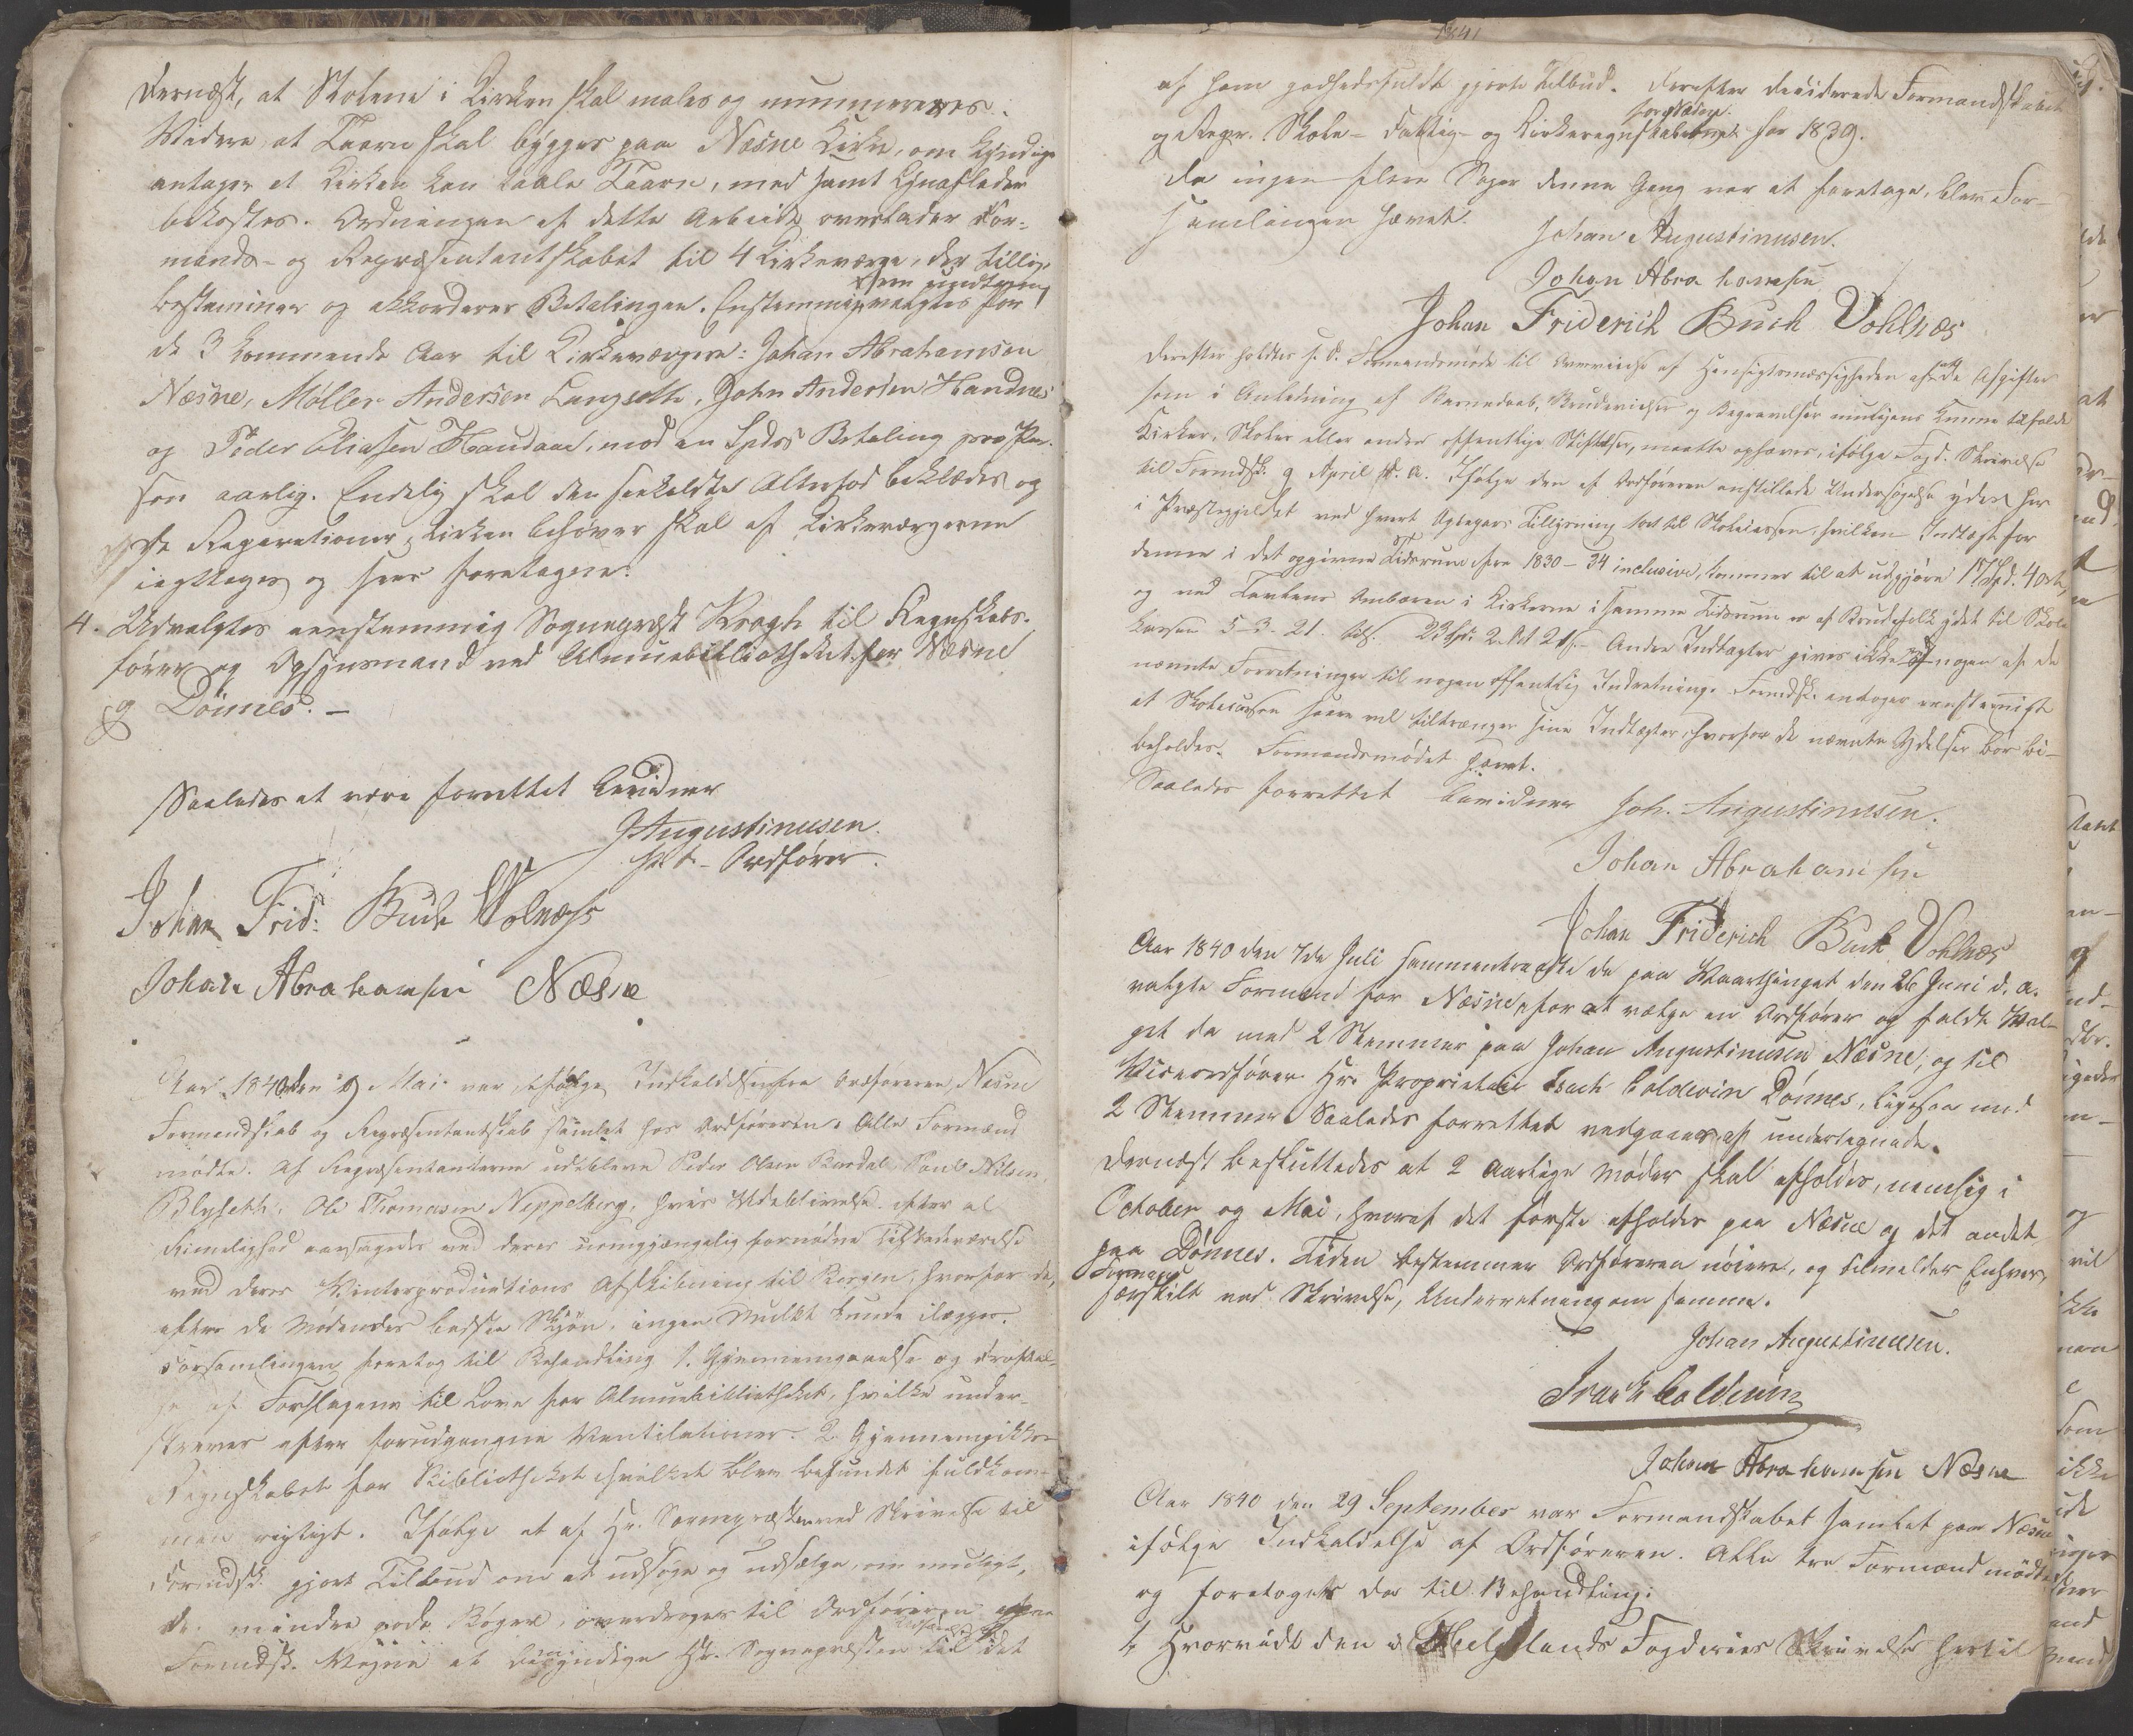 AIN, Nesna kommune. Formannskapet, 100/L0001: Møtebok, 1838-1873, s. 3